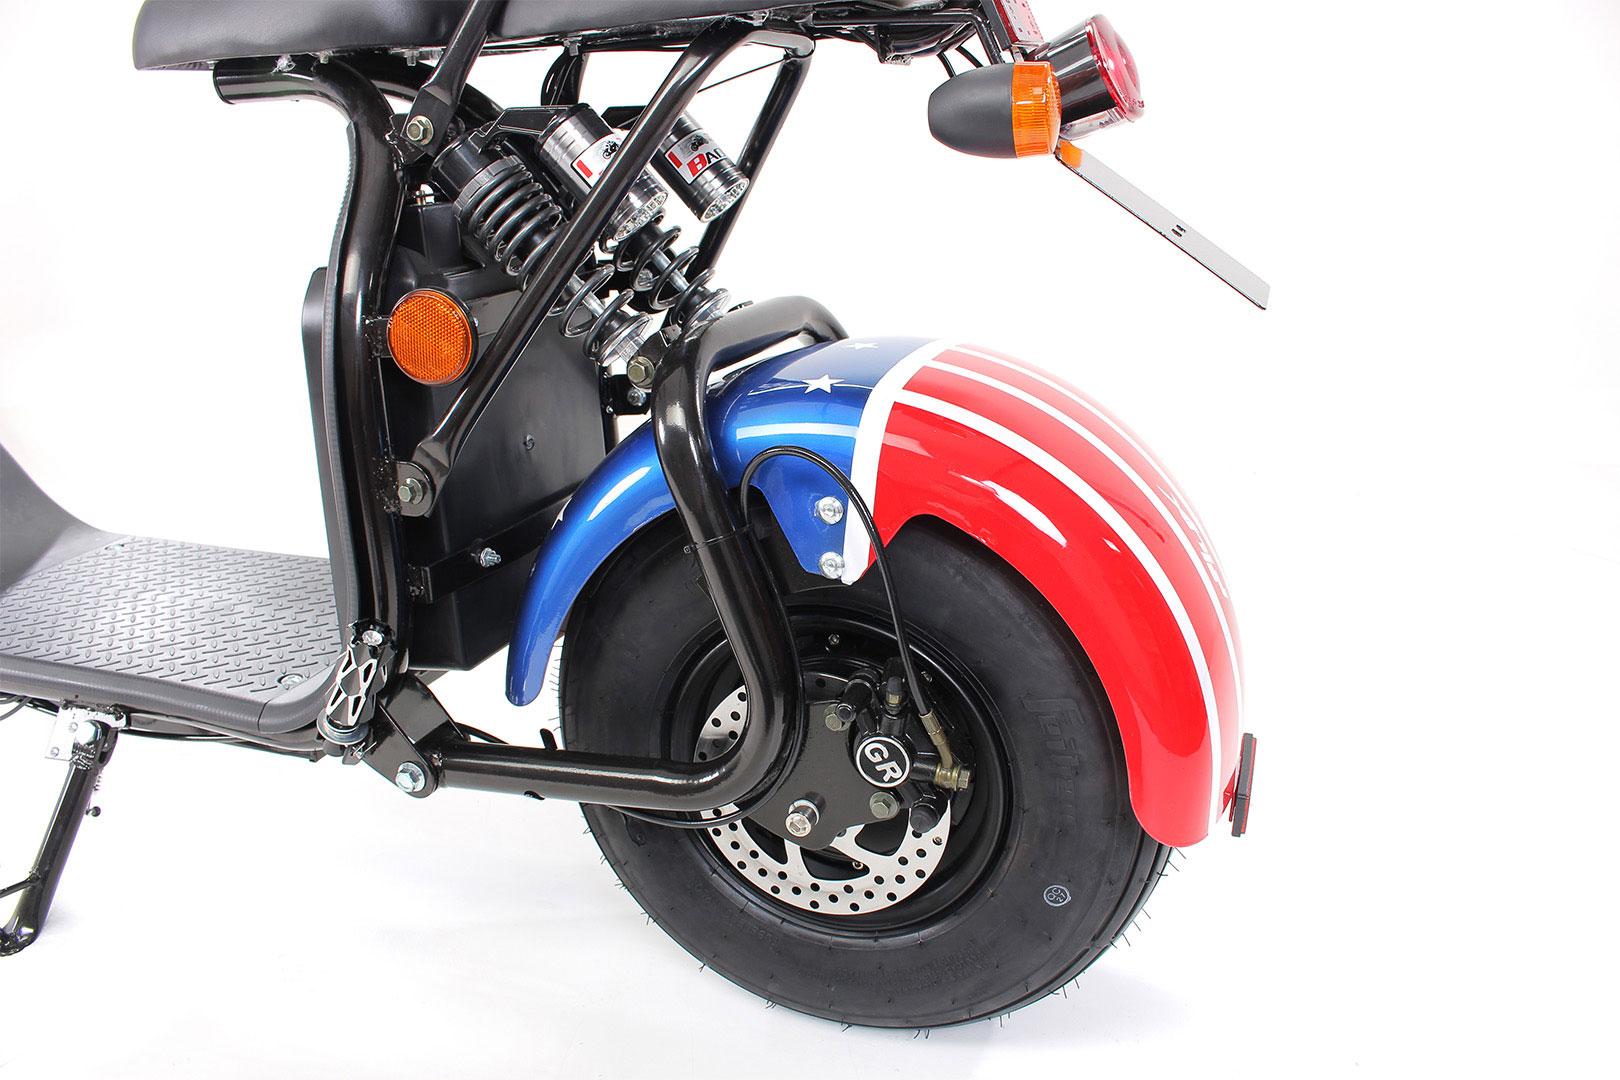 Elektroroller edi Chopper Harley Two 1500W blau Bild 14